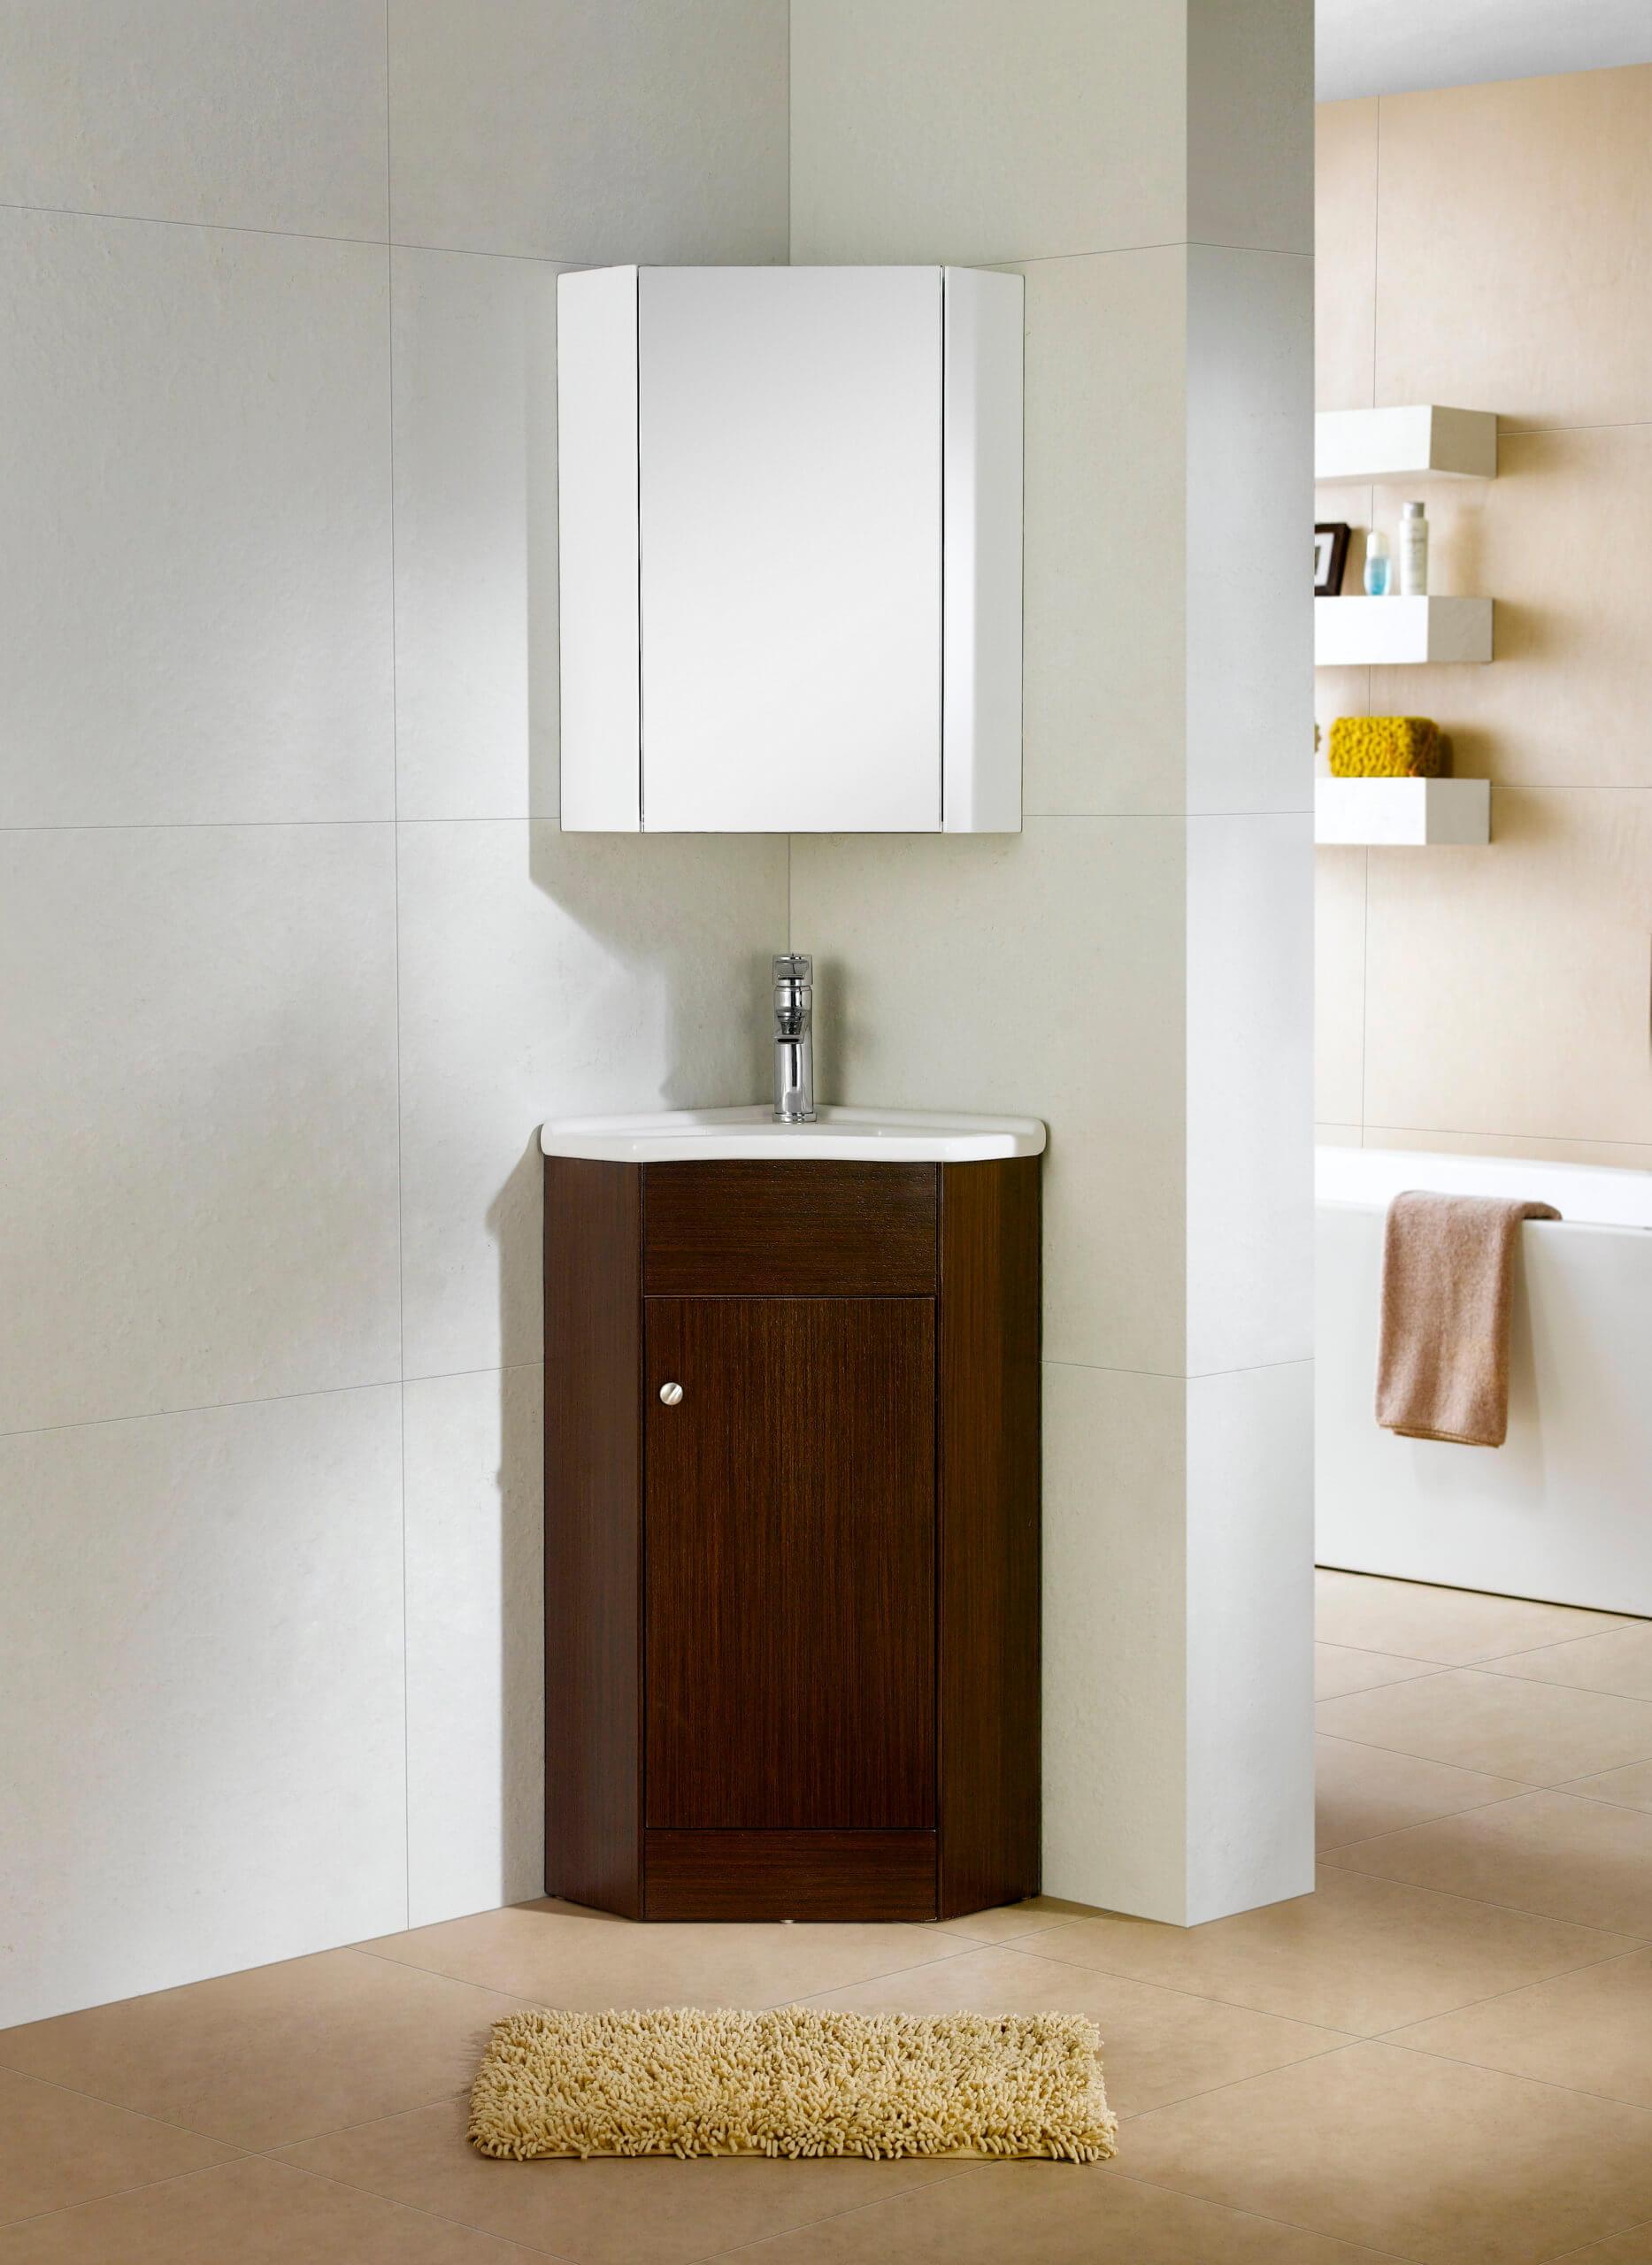 Fine Fixtures Corner Bathroom Vanity And Sink And Medicine Cabinet Wenge Englewood Collection Walmart Com Walmart Com